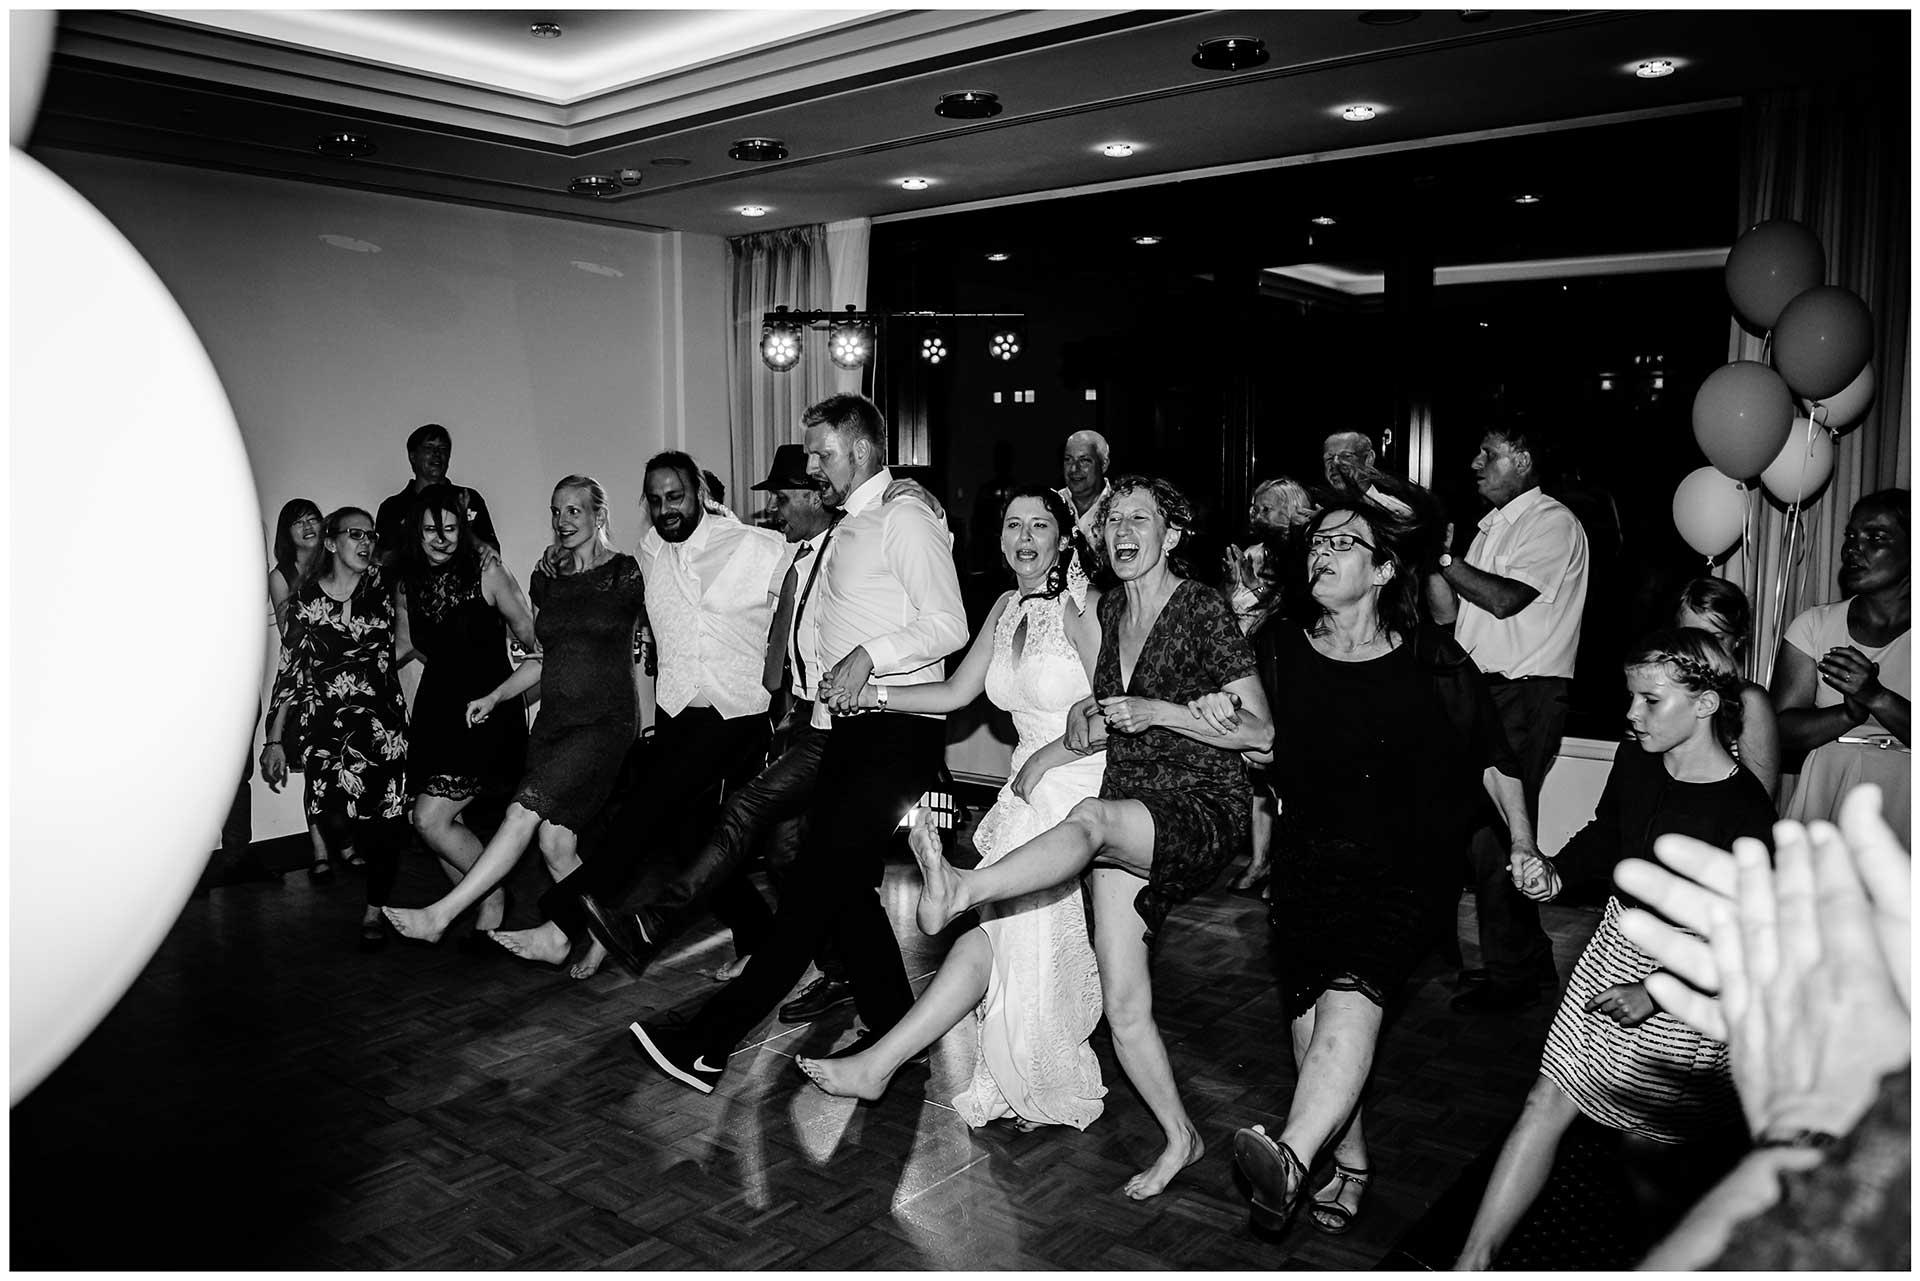 Brautpaar-und-Gaeste-tanzen-ausgelassen-Hochzeit-im-Hotel-Neptun-Hochzeitsfotograf-Warnemuende-Hochzeitsfotograf-Rostock-Hochzeitsfotograf-Ostseebad-Warnemuende